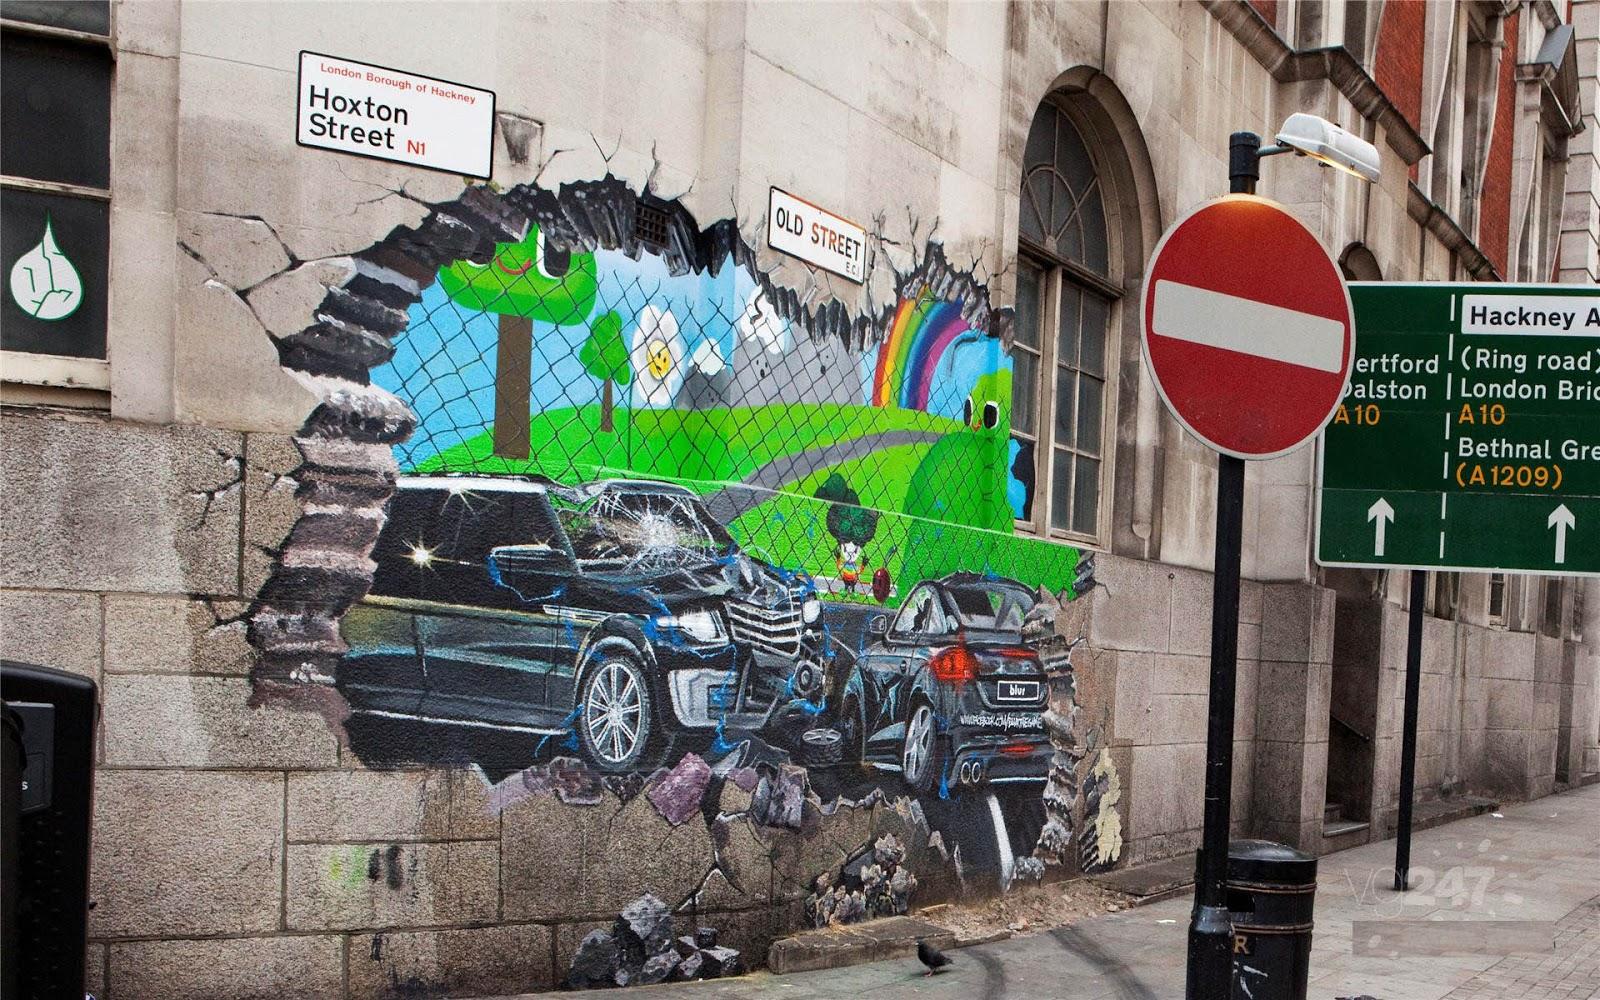 http://2.bp.blogspot.com/-QMeOg98MvmM/UTQnmVS_n1I/AAAAAAAACp8/YLE0U7VlChU/s1600/3d_street_art_wallpaper-wide.jpg